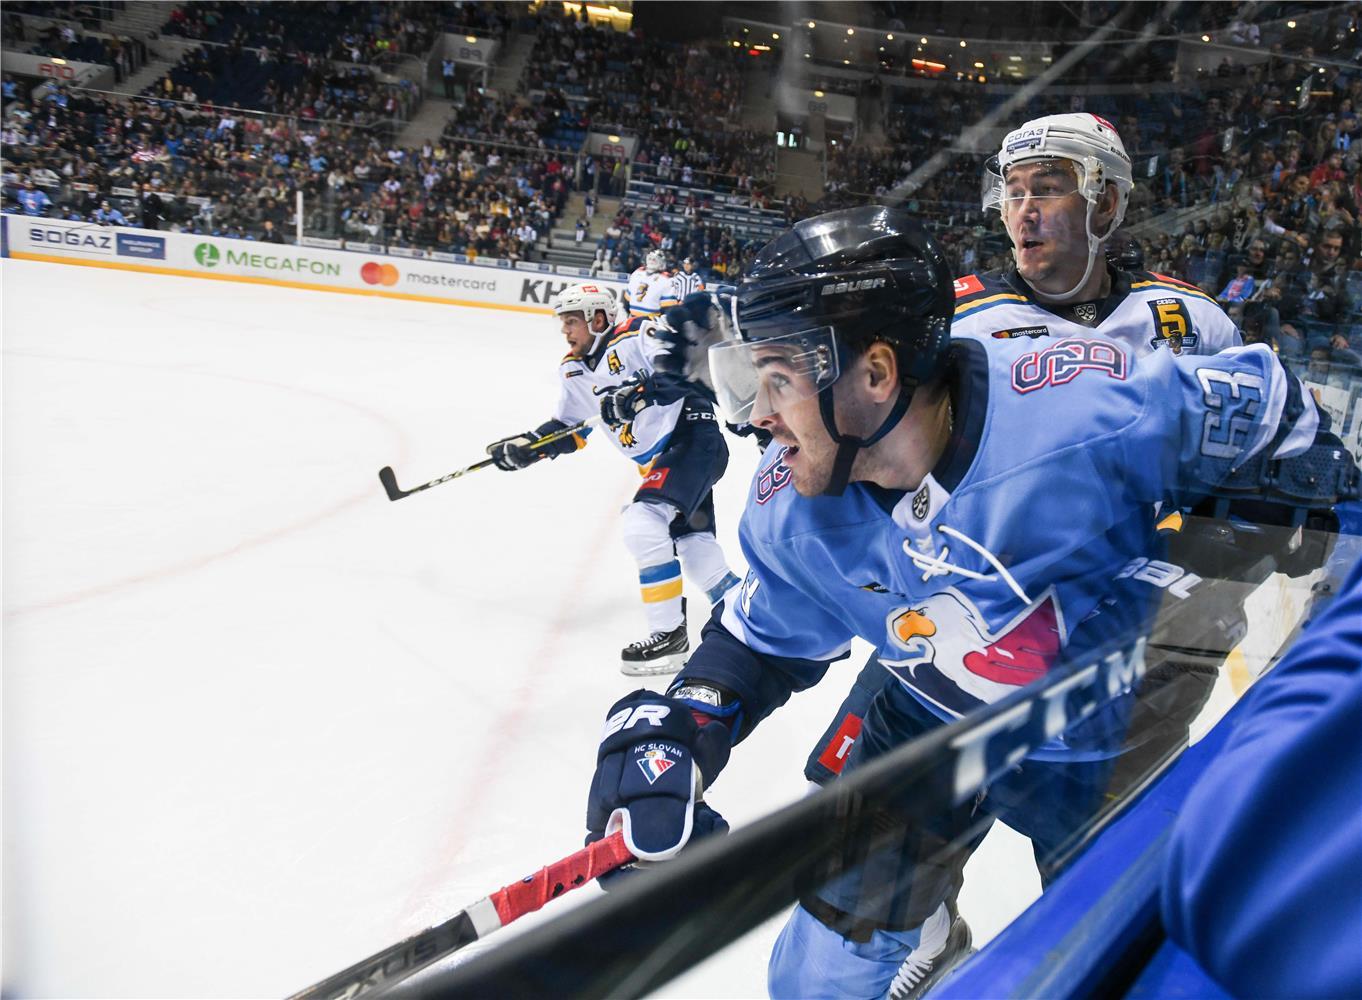 ce4824198510d BRATISLAVA 29. septembra (SITA) - Hráči HC Slovan Bratislava nebodovali ani  v treťom dueli domácej série v Kontinentálnej hokejovej lige, keď podľahli  HK ...